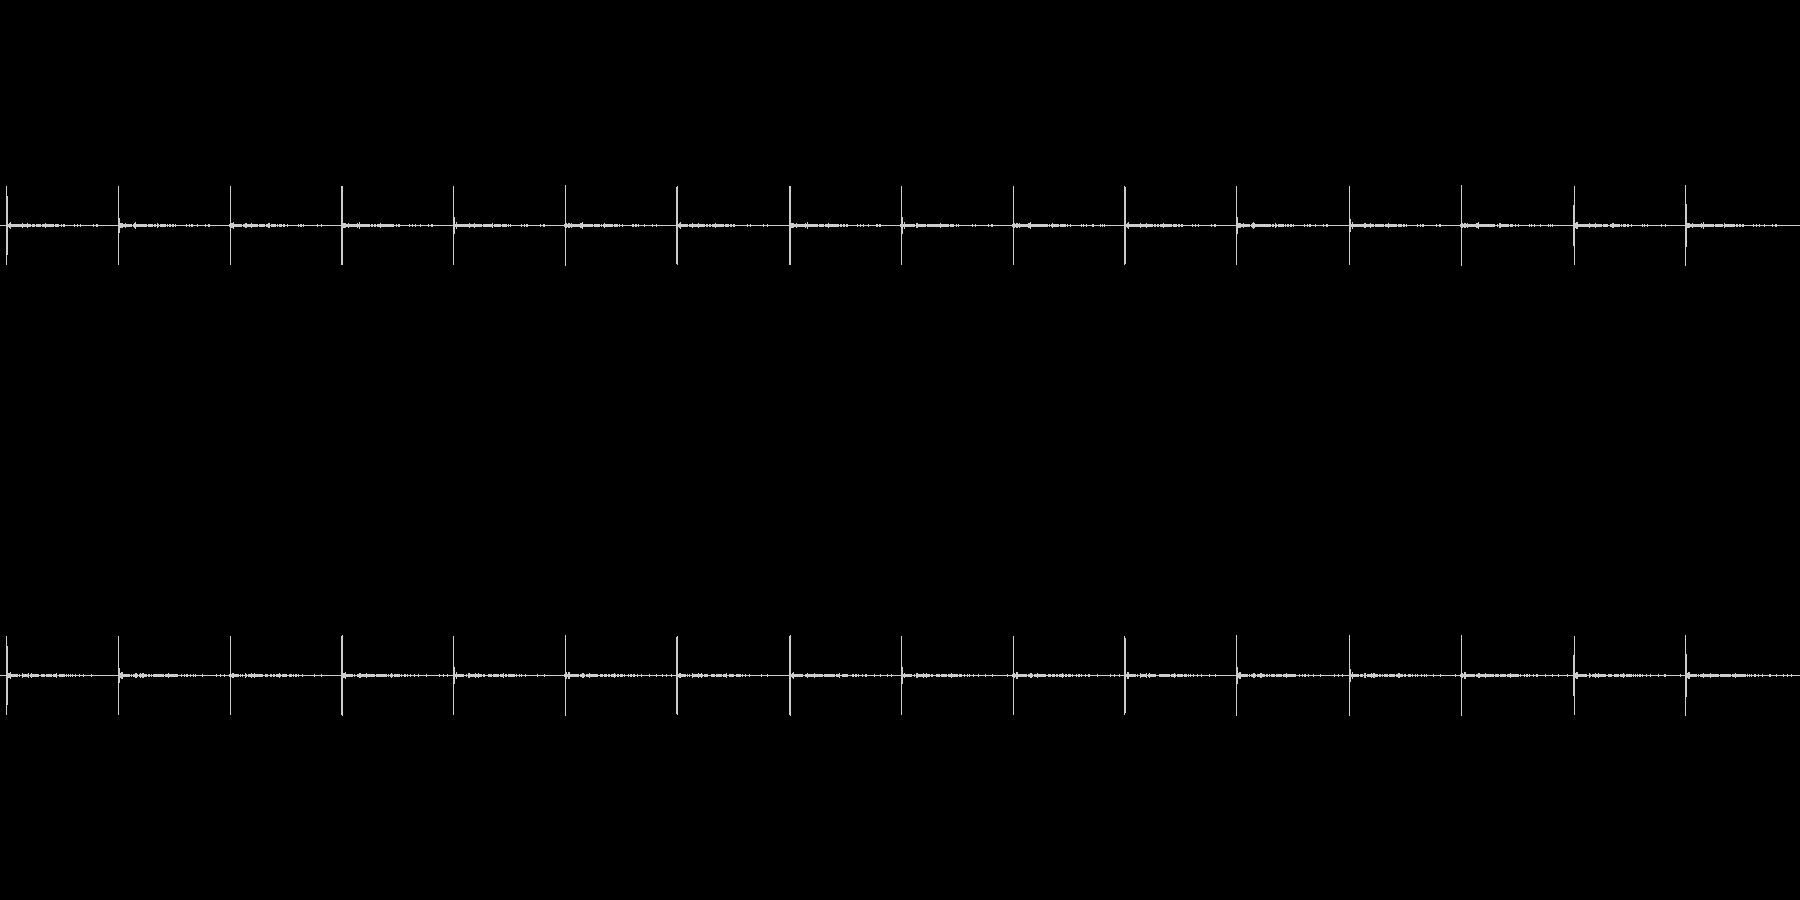 足音 (1)の未再生の波形